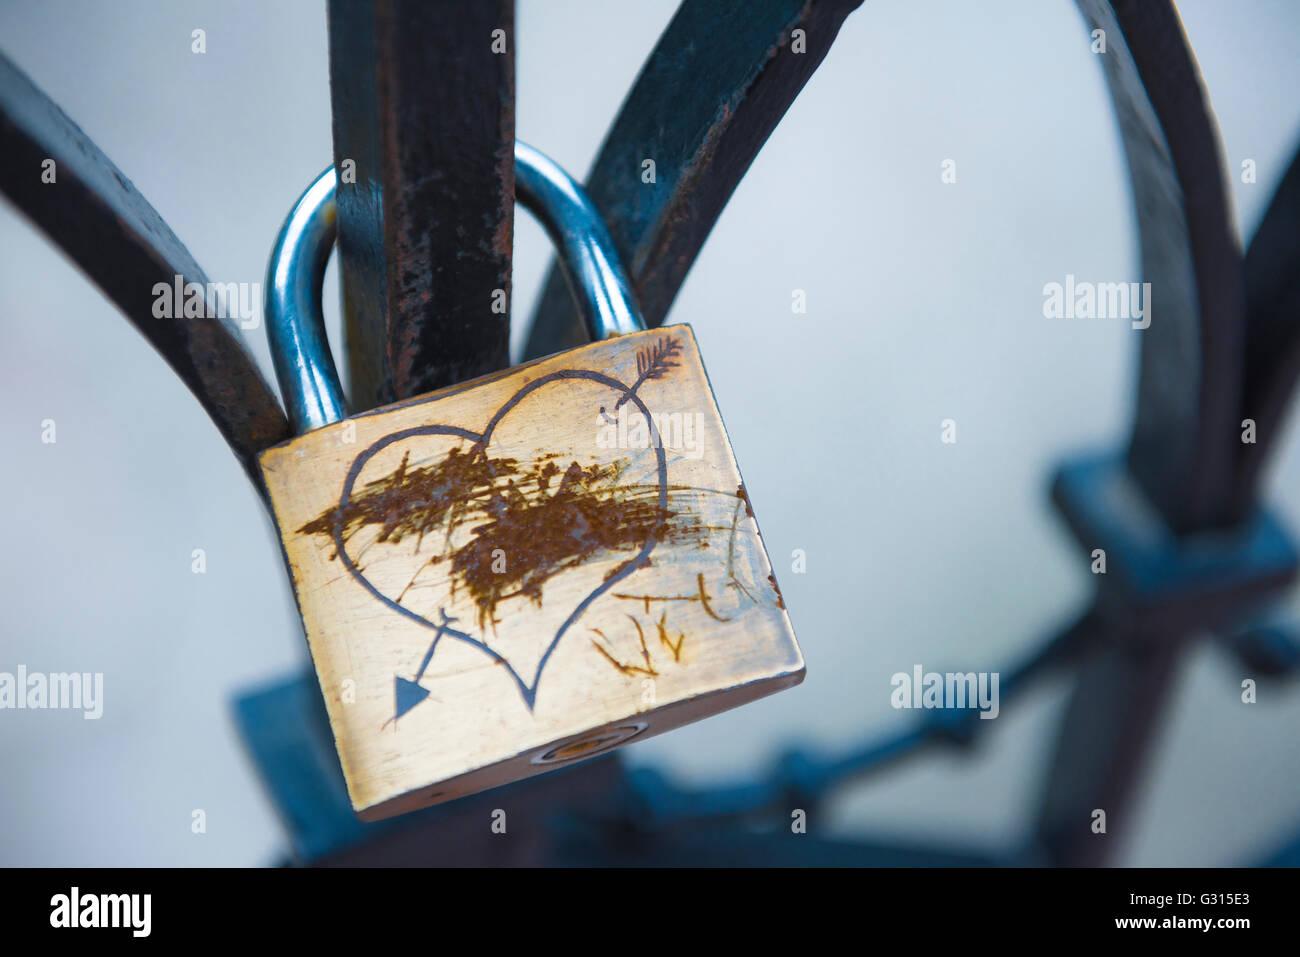 Rapport d'amour liquidation, un amour 'lock' avec son nom rayé des amoureux, ce qui implique une séparation, Budapest, Hongrie. Banque D'Images